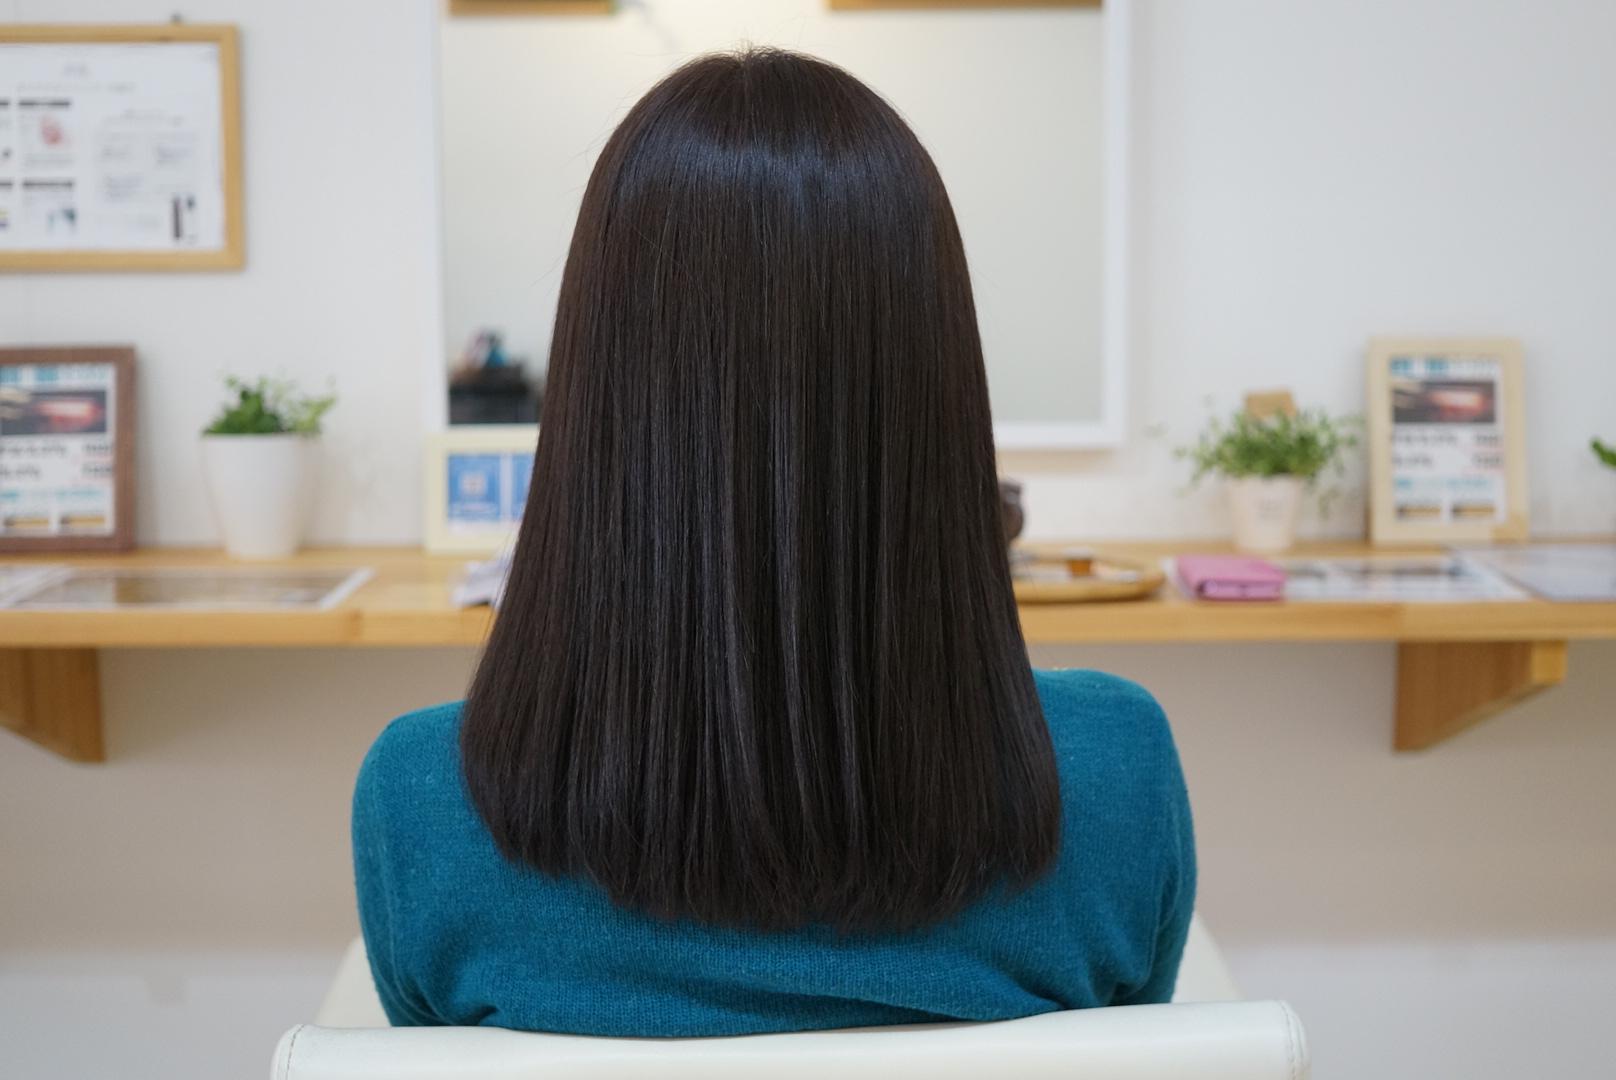 透明感のある柔らかい髪色、ヘアカラーグレーアッシュ